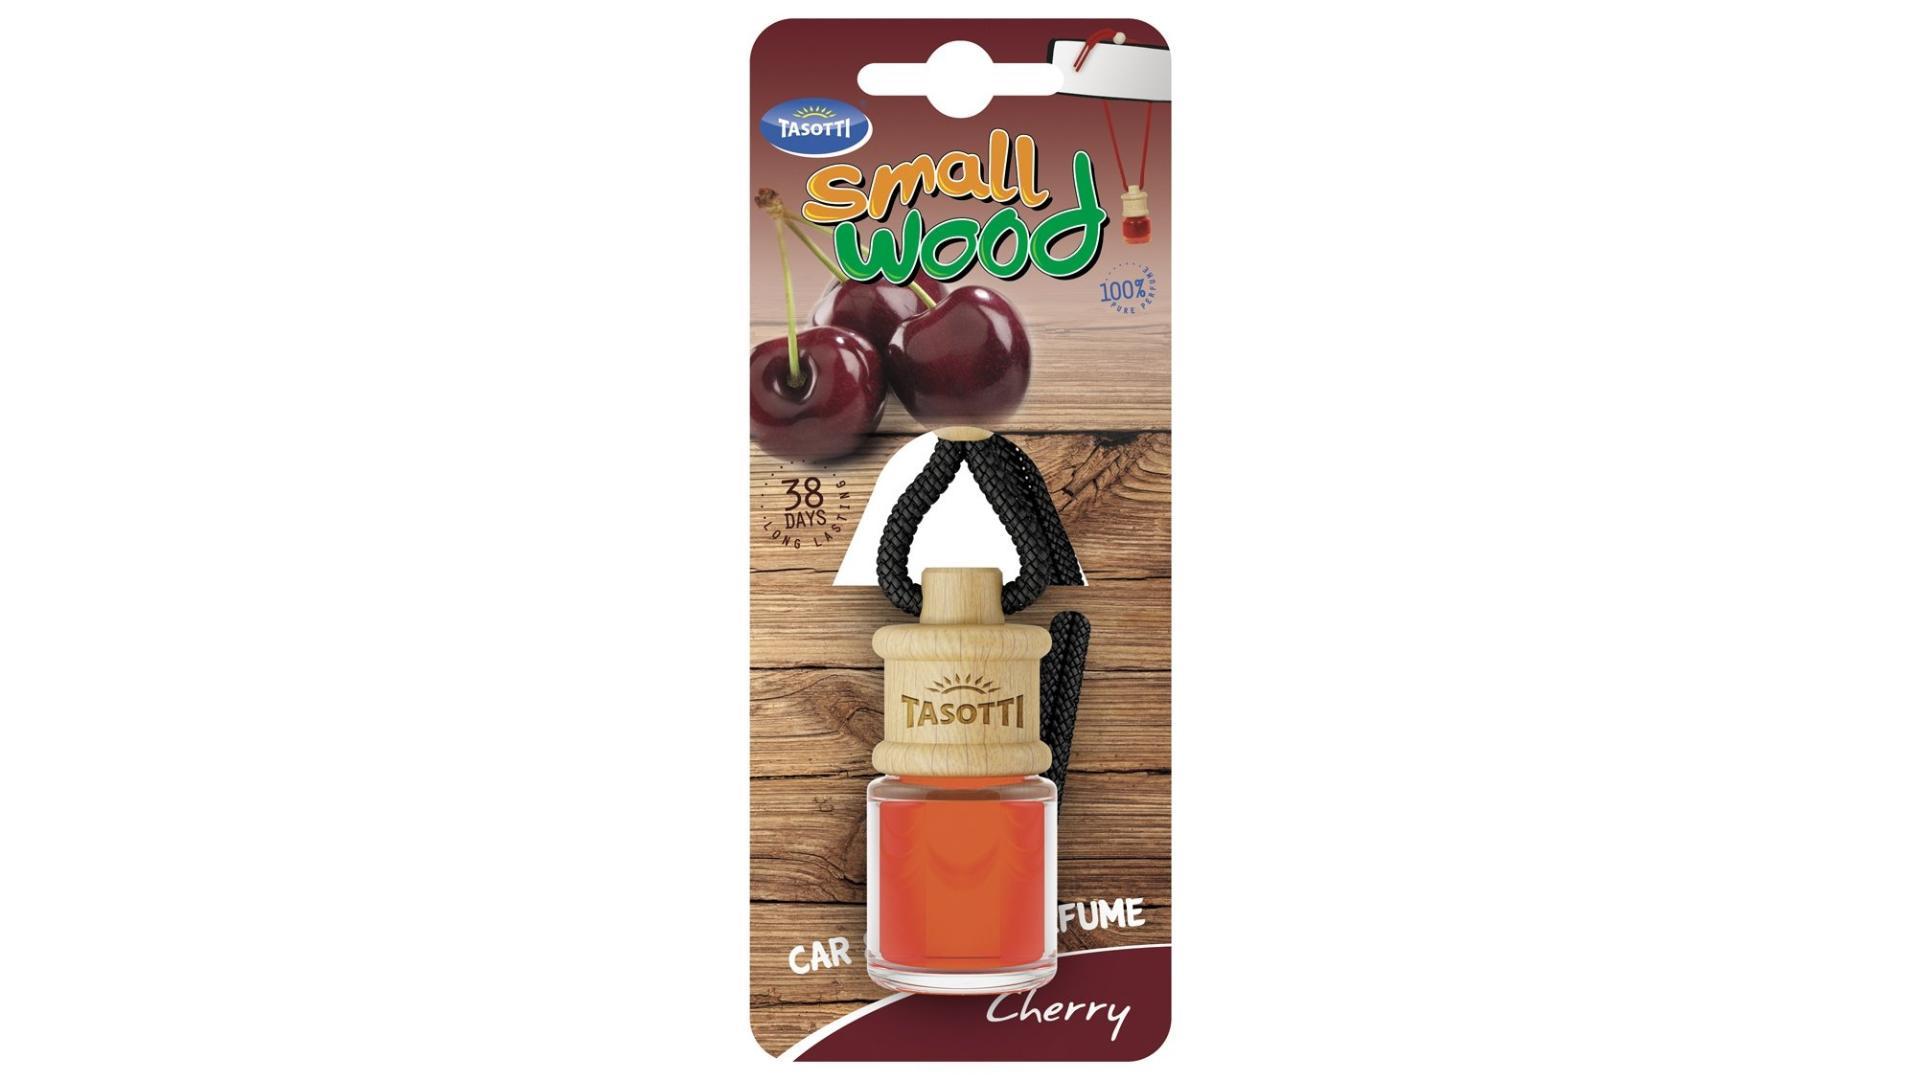 TASOTTI Small wood cherry